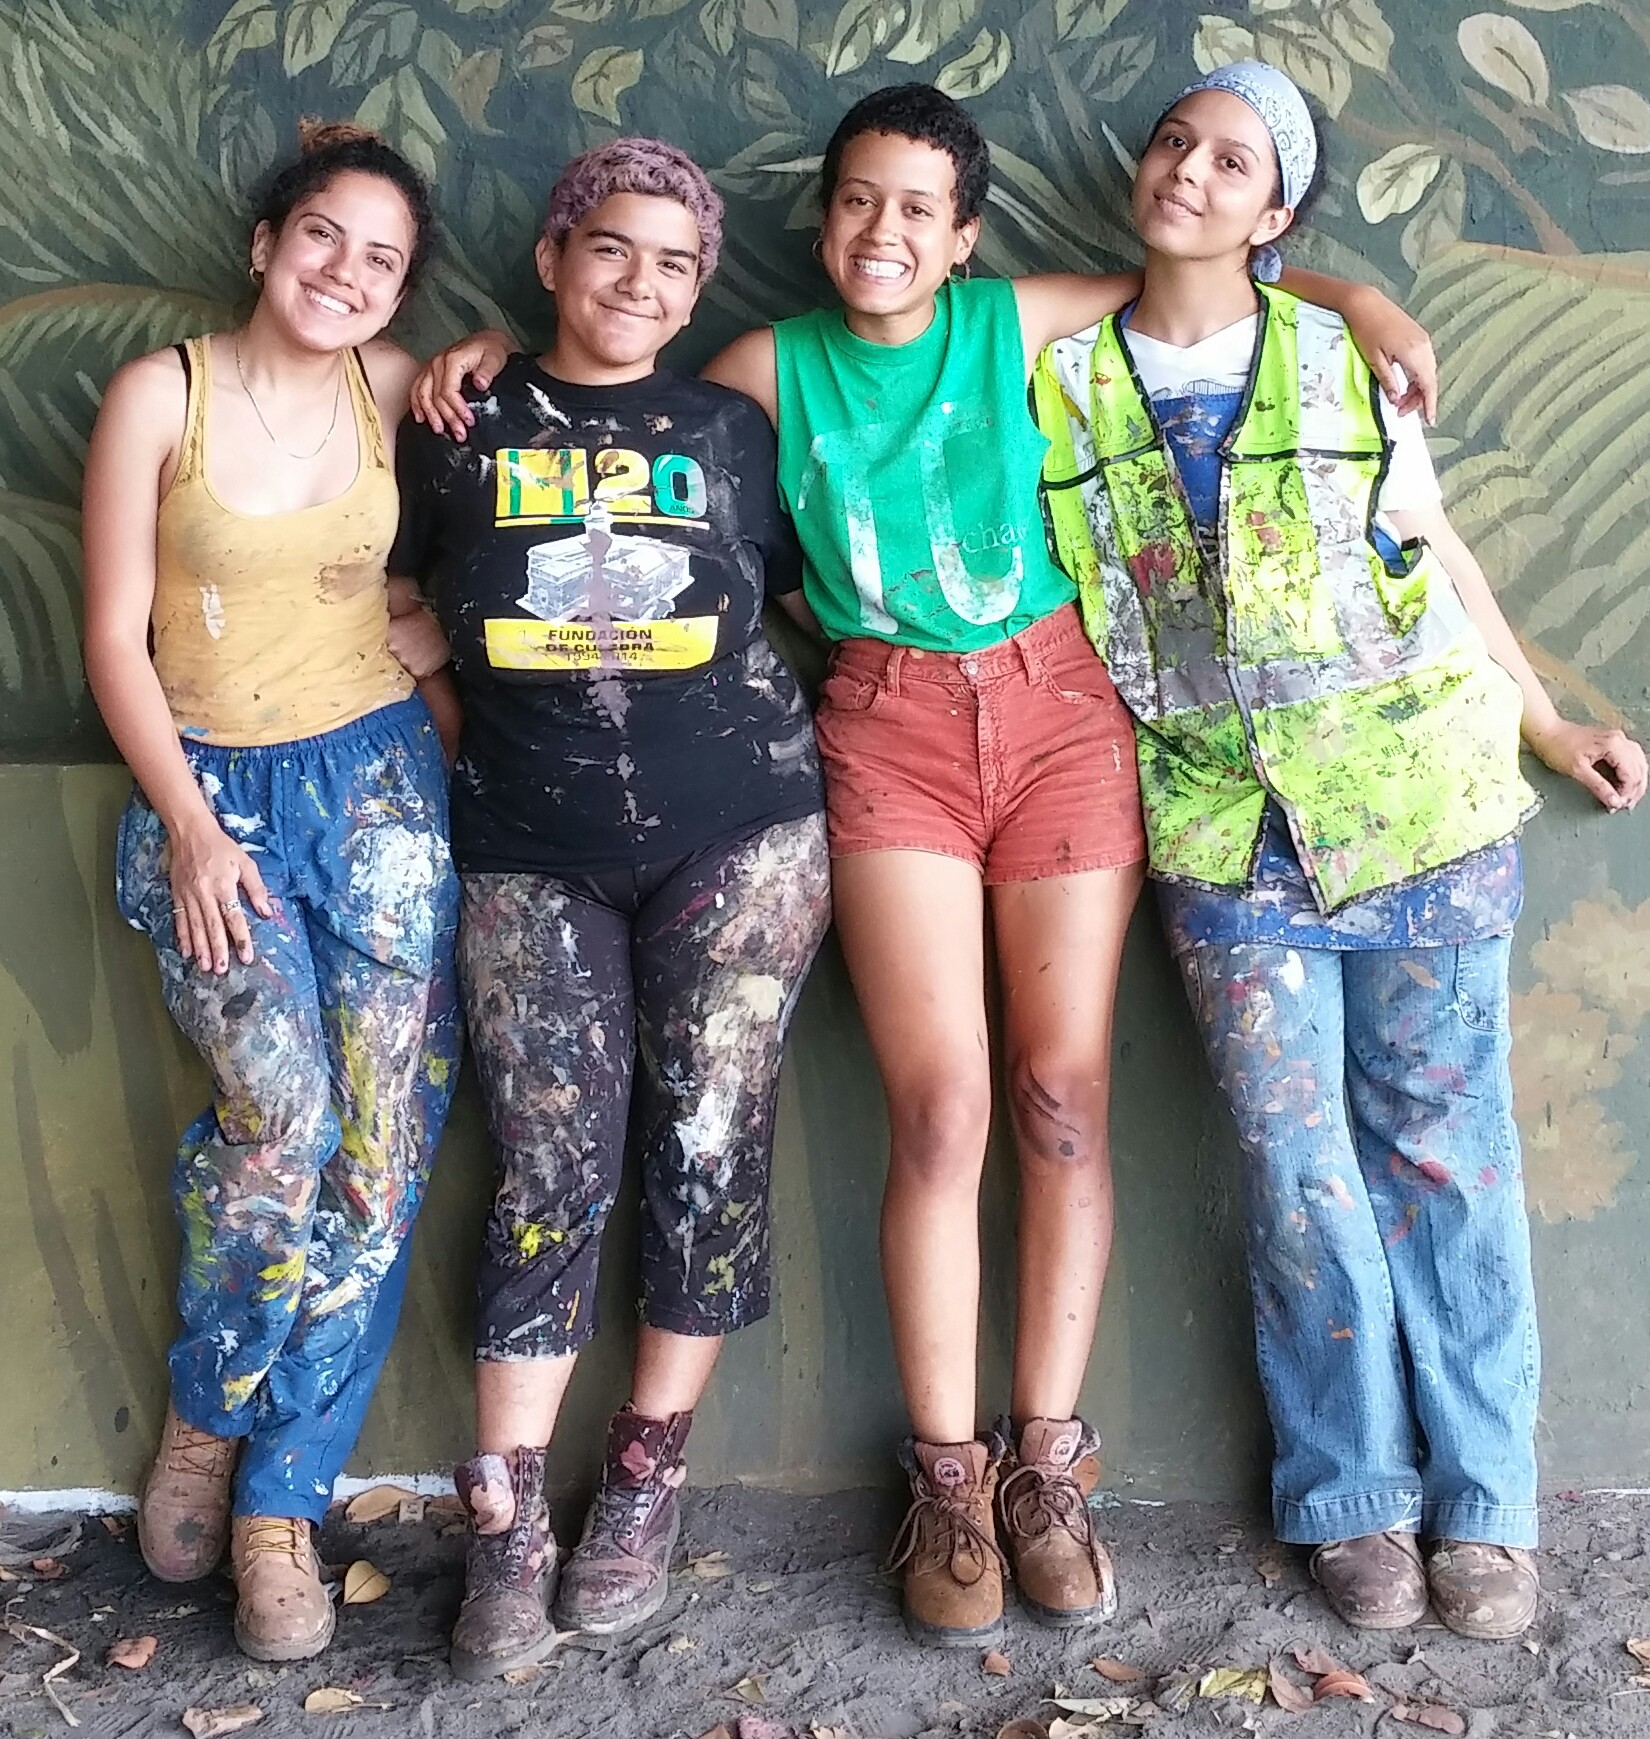 De izquierda a derecha, Raysa Raquel Rodríguez García, Joy Díaz Marty, Estefanía Rivera Cortés y Sharon González Colón. (Foto Gabriela Ortiz para Fundación Nacional para la Cultura Popular)